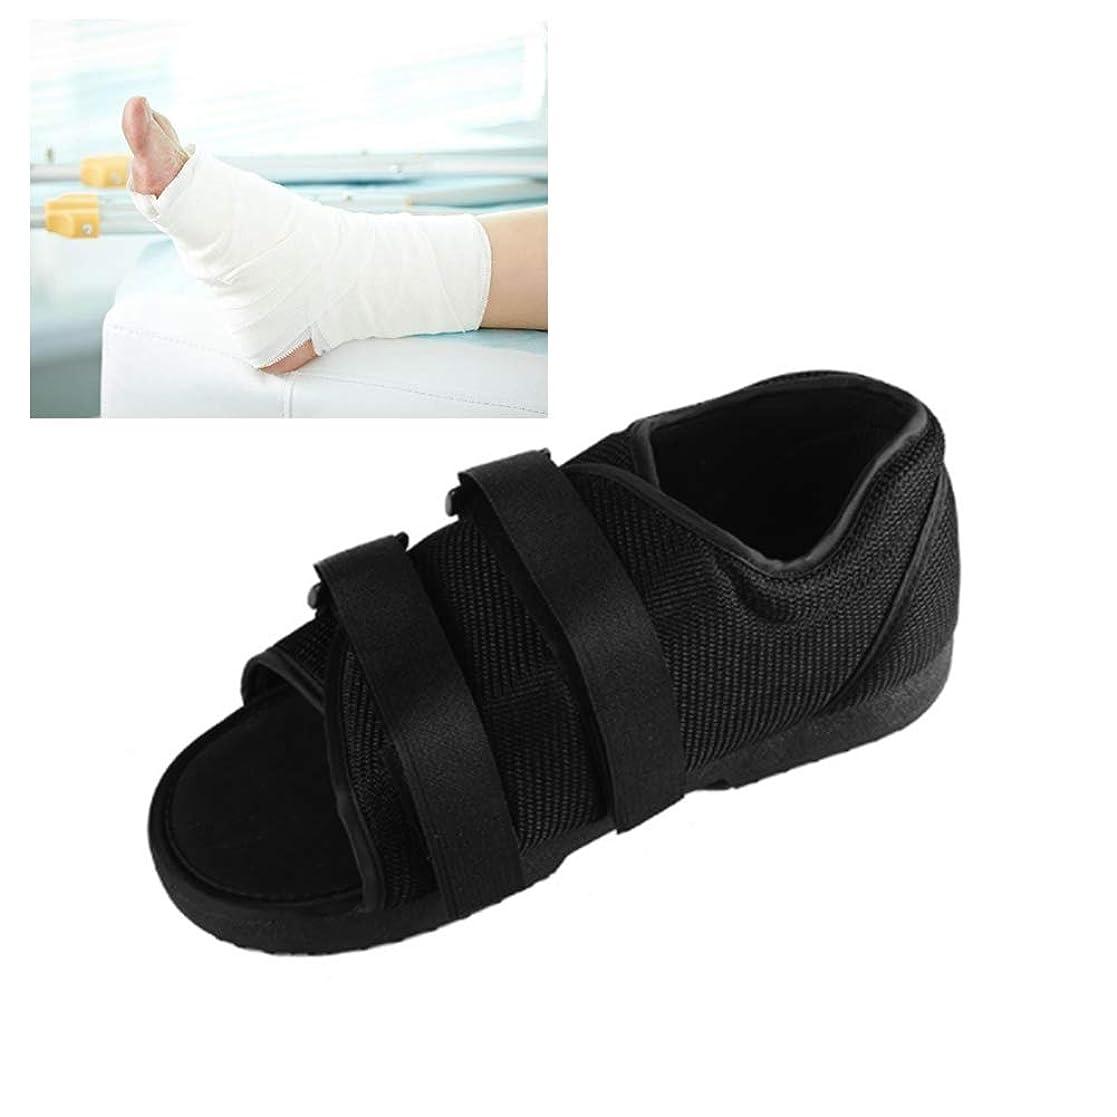 エージェント政治家以前は傷害後の外科的リハビリテーションのための医療用キャスト靴術後プラスター靴ウォーキングブーツ骨折治癒足靴,30cm1pc